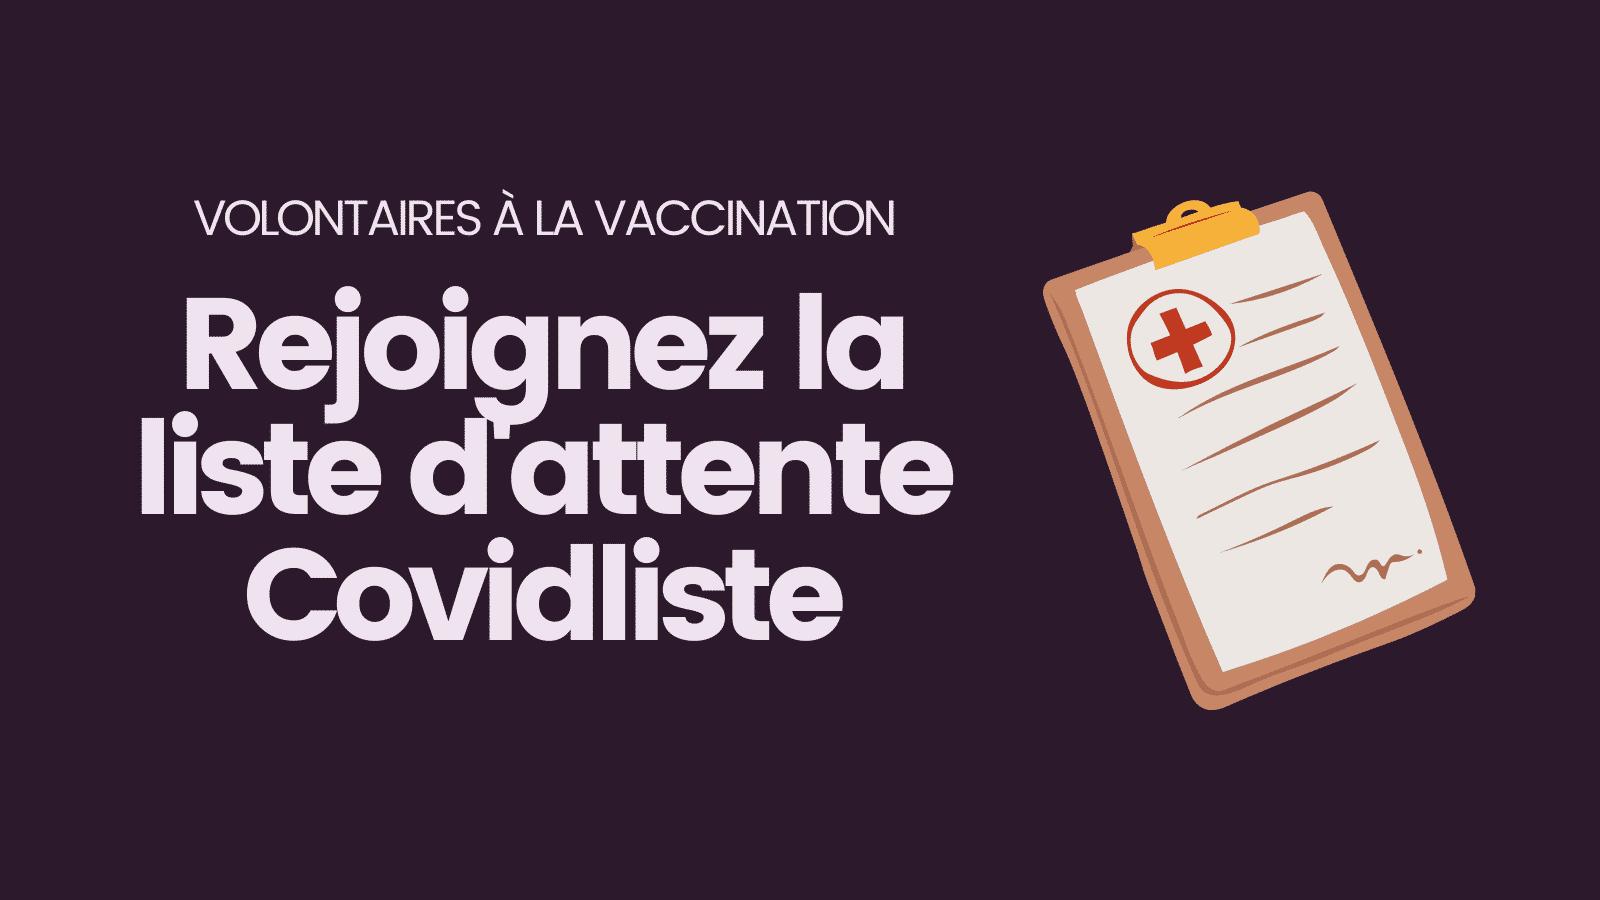 Covidliste Covid vaccination